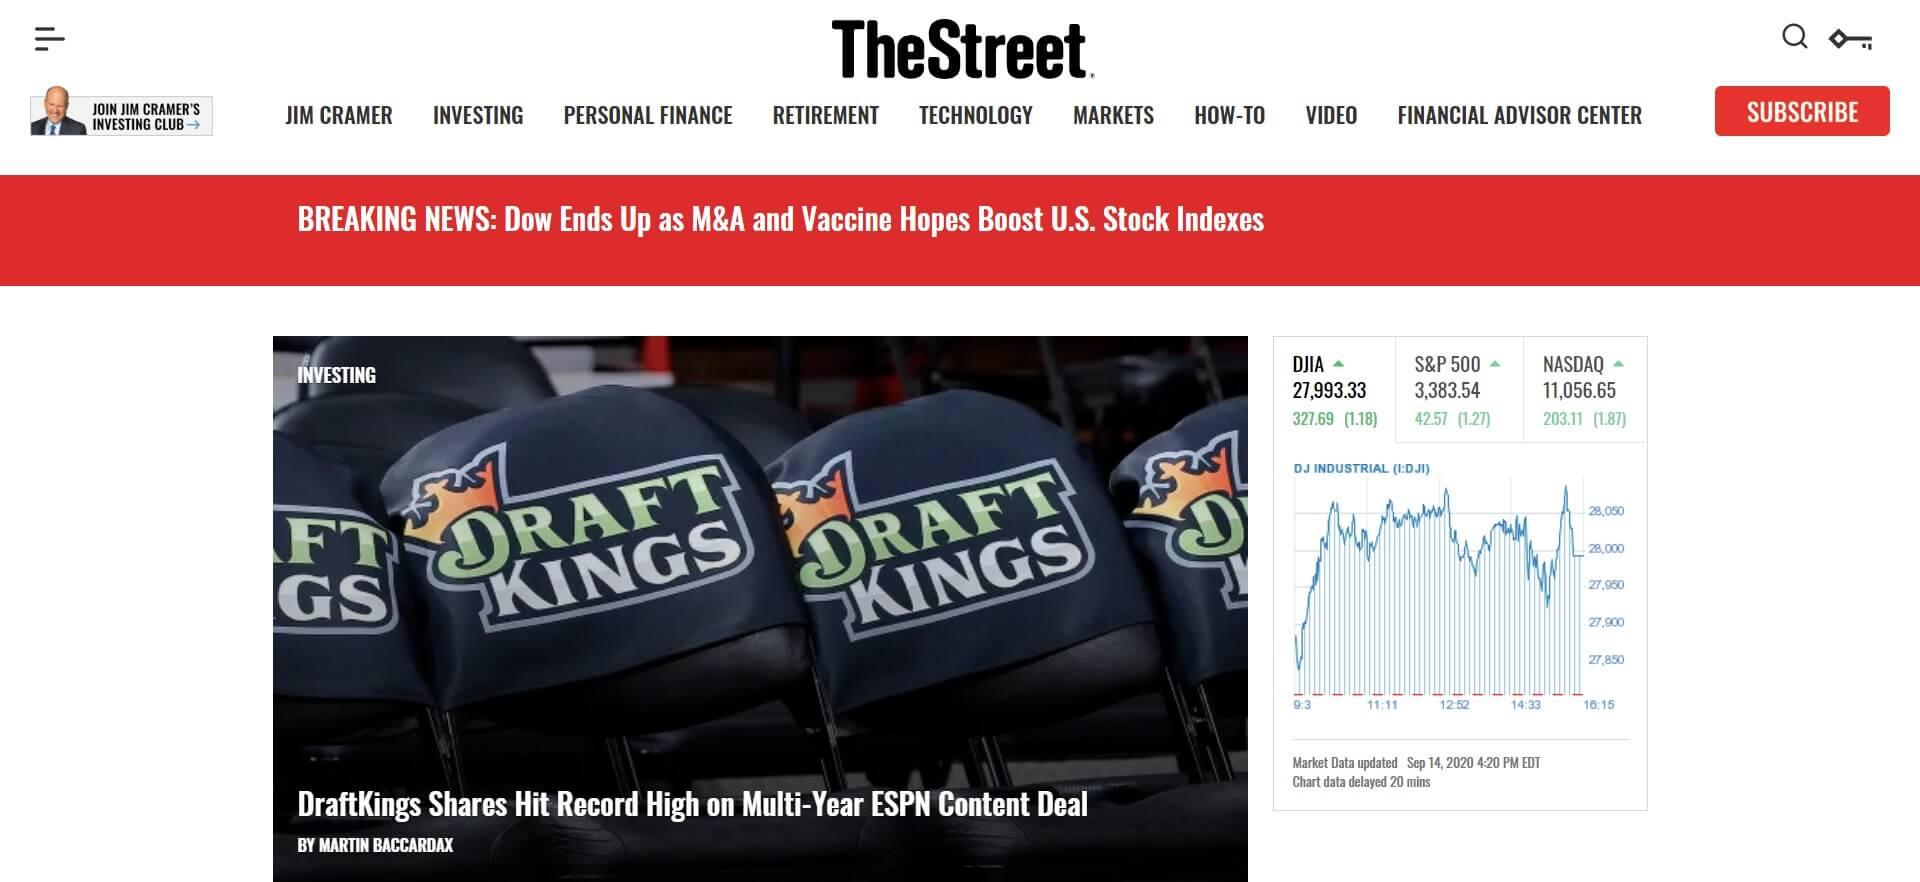 thestreet main website